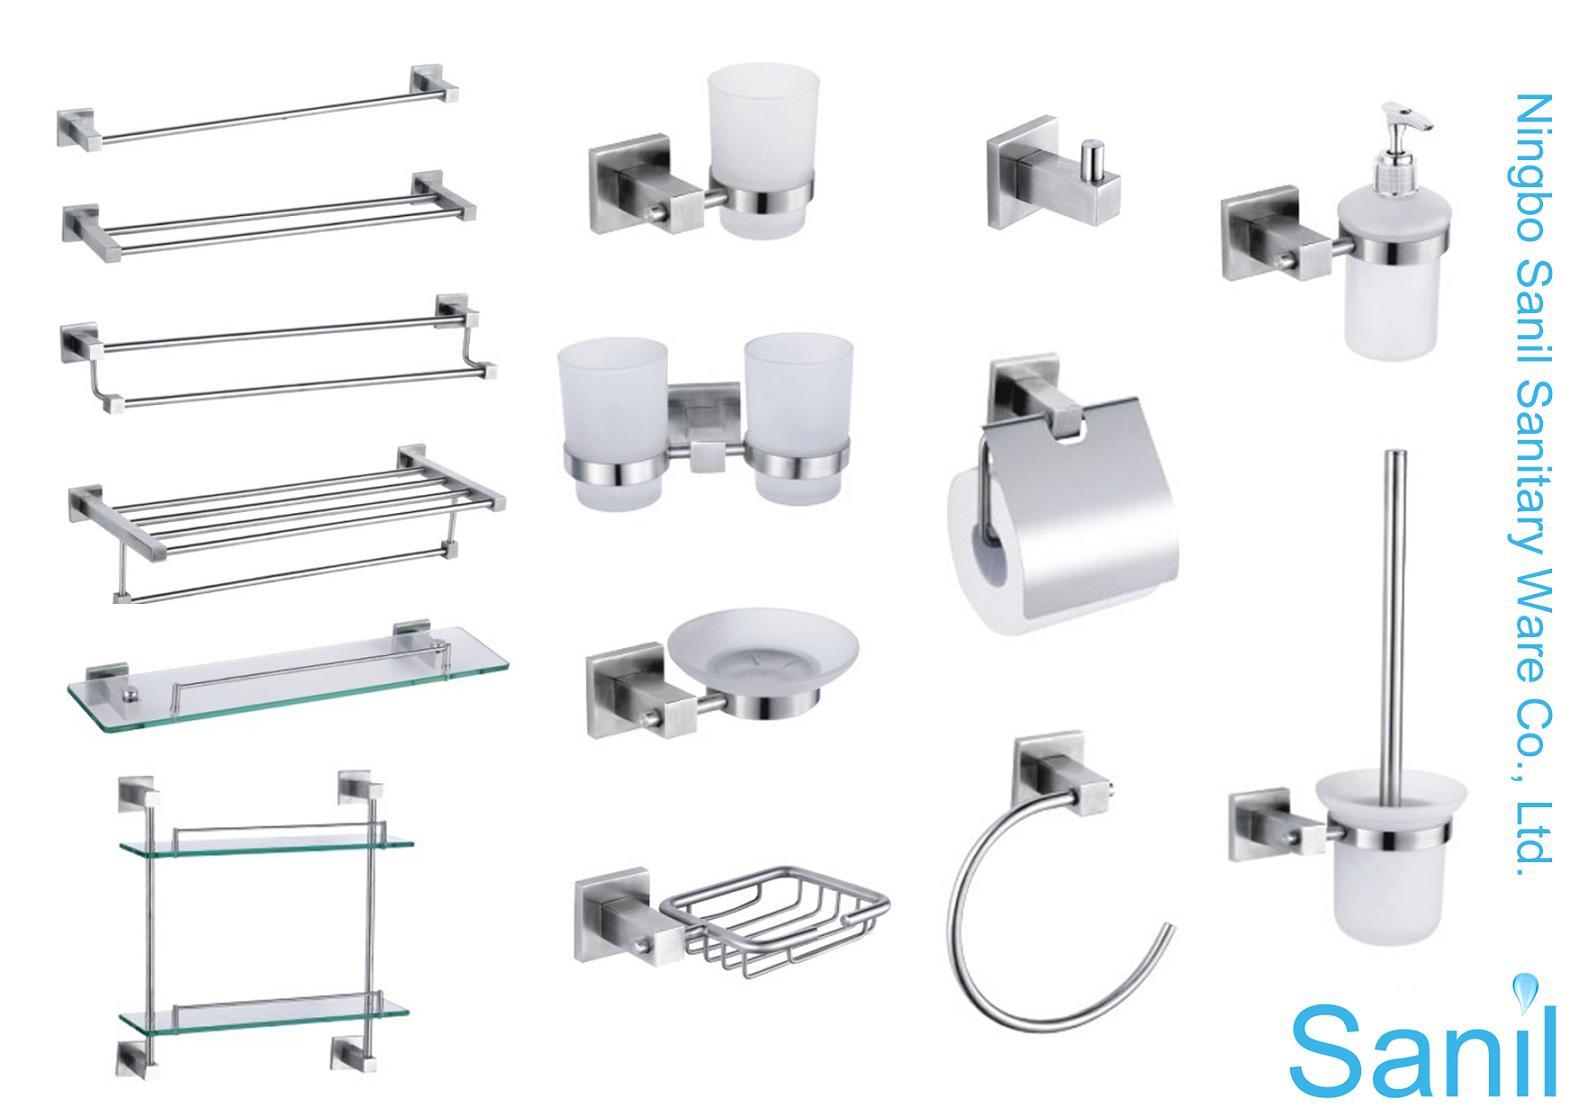 práticos acessórios para banheiro Moda e ConfortoModa e Conforto #1585B6 1579x1116 Acessorios Do Banheiro